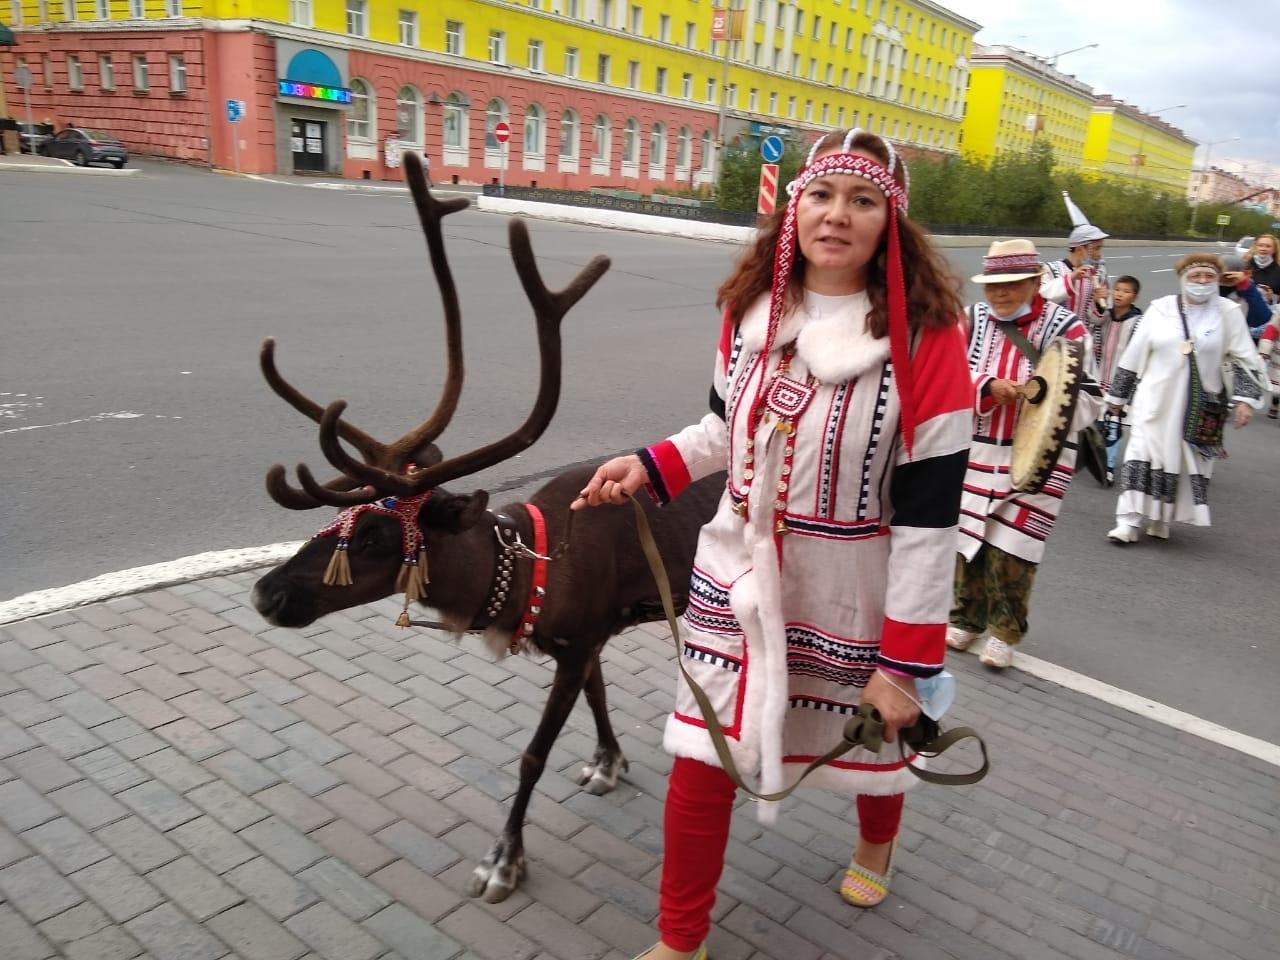 Община нганасан «Ня танса» отметила в Норильске Международный день коренных